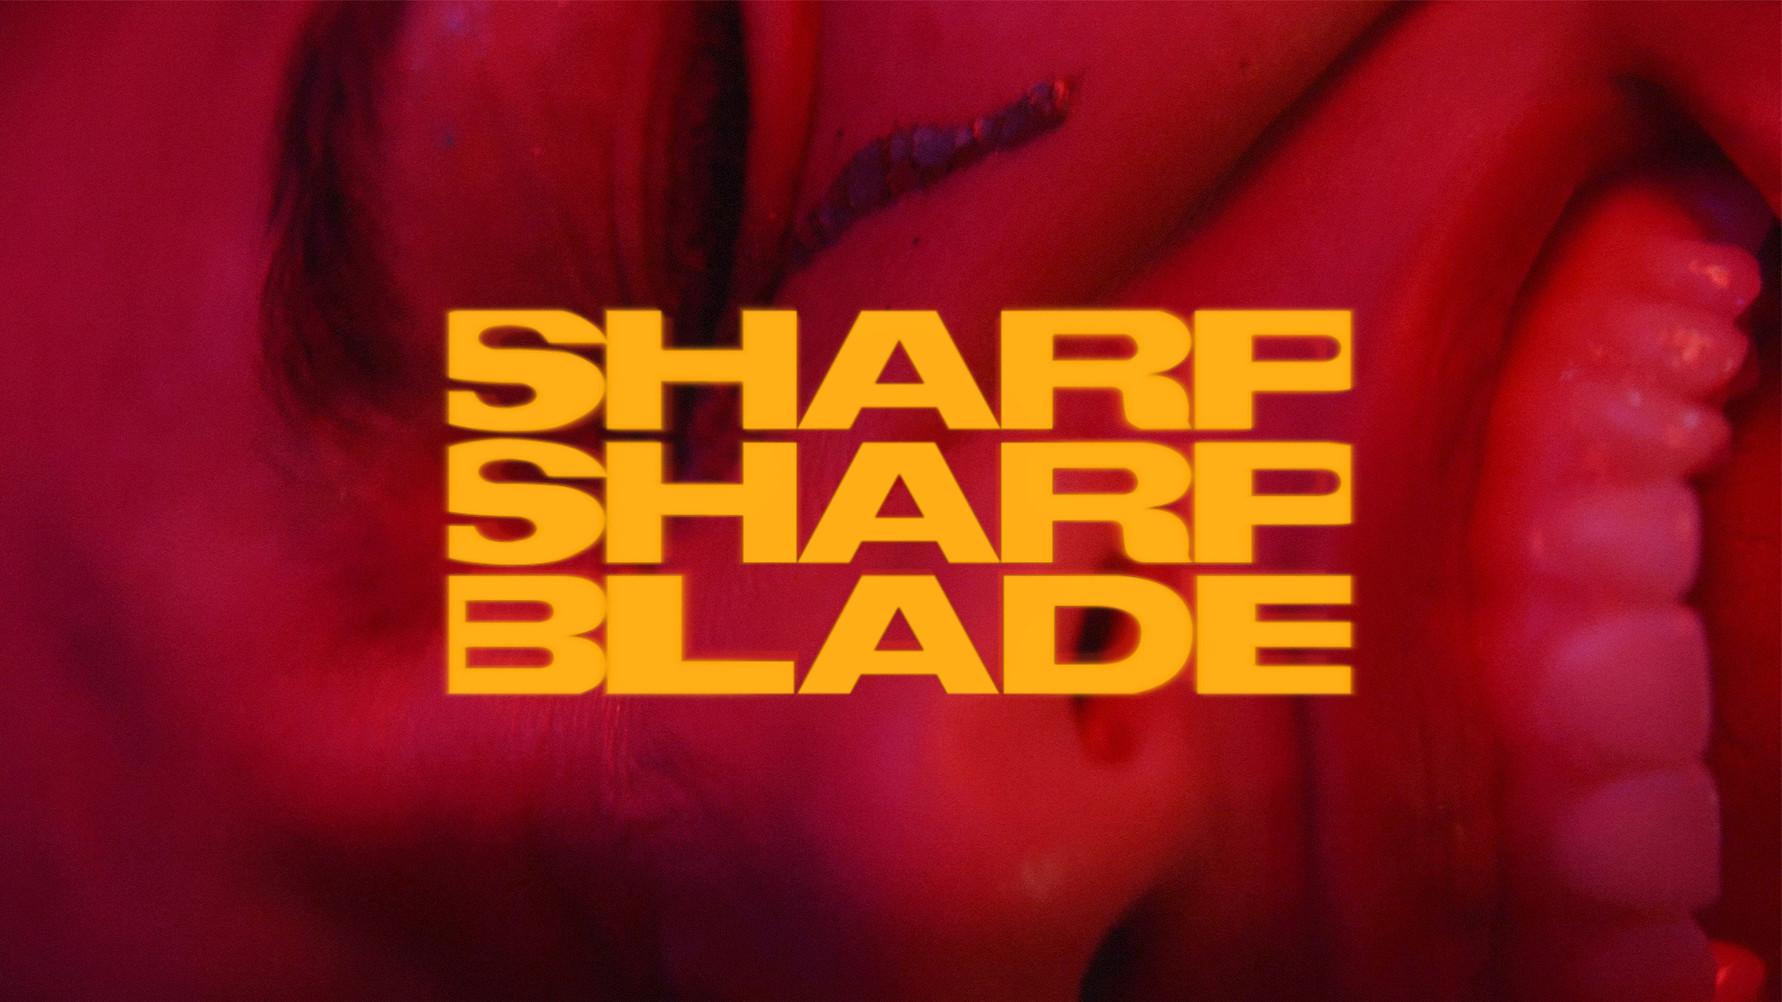 Sharp, Sharp Blade (2020)